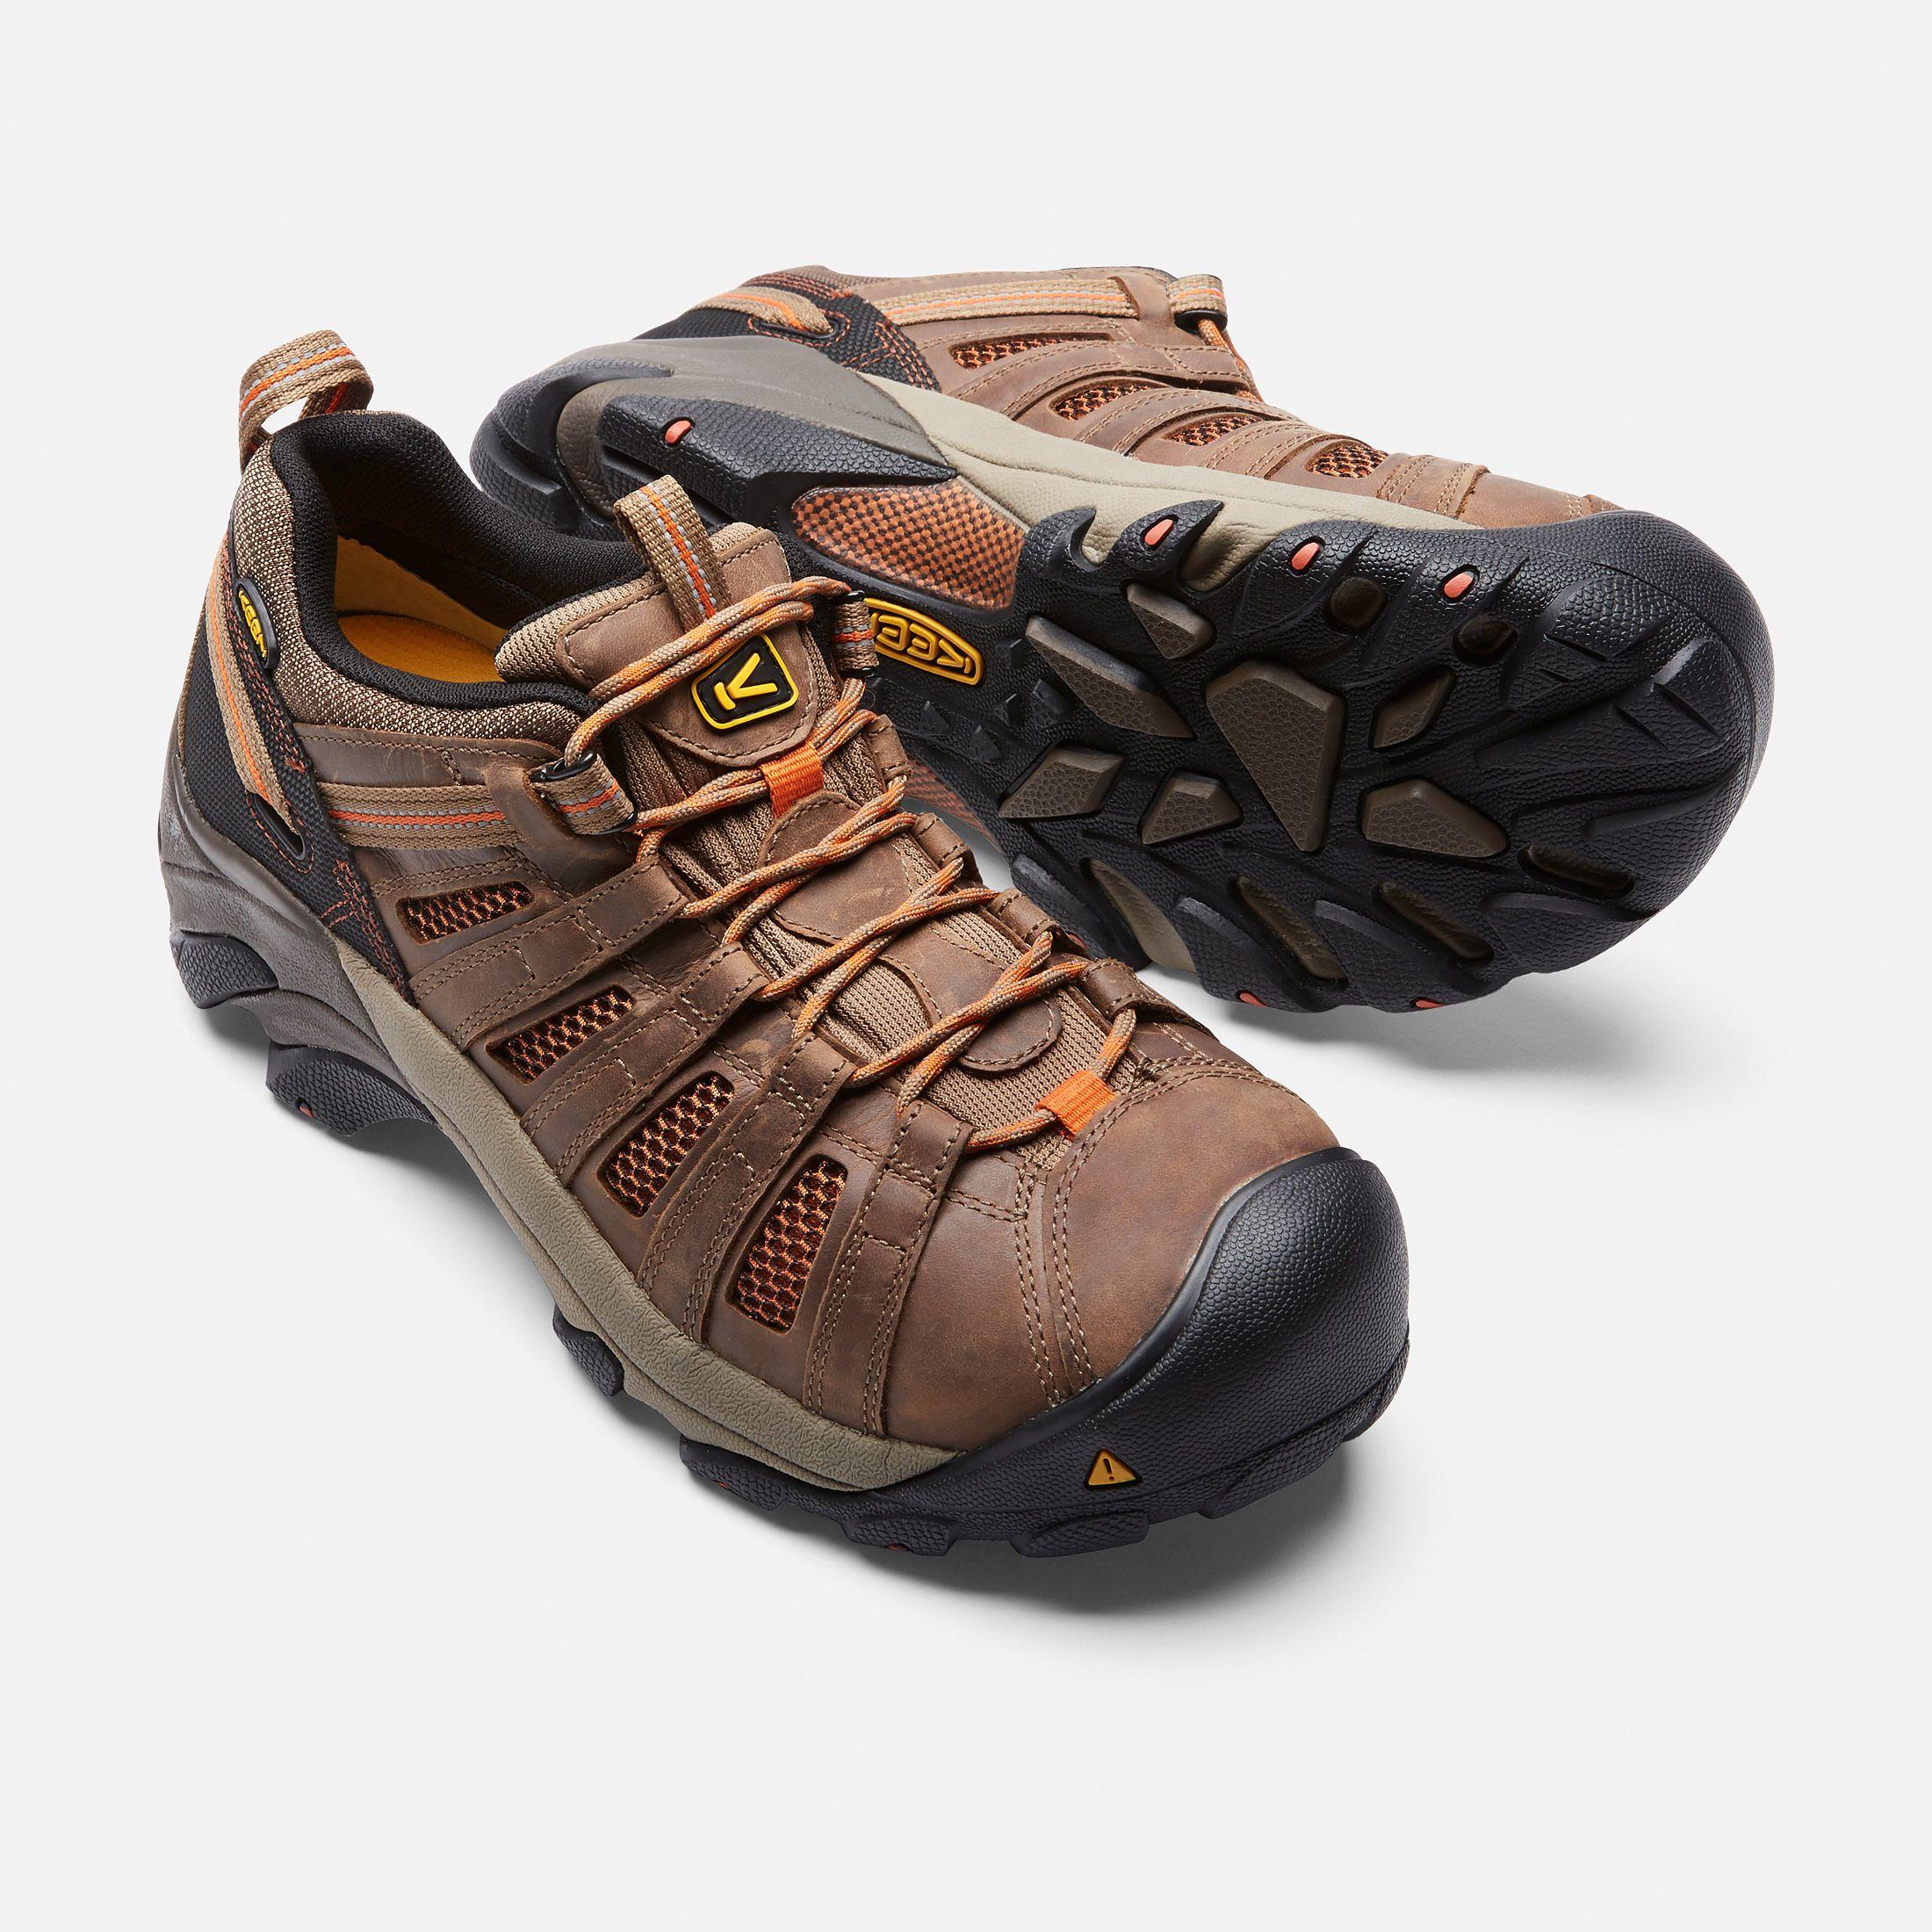 Keen Men's Steel Toe Boot Flint Low, 12, Shitake/Rust